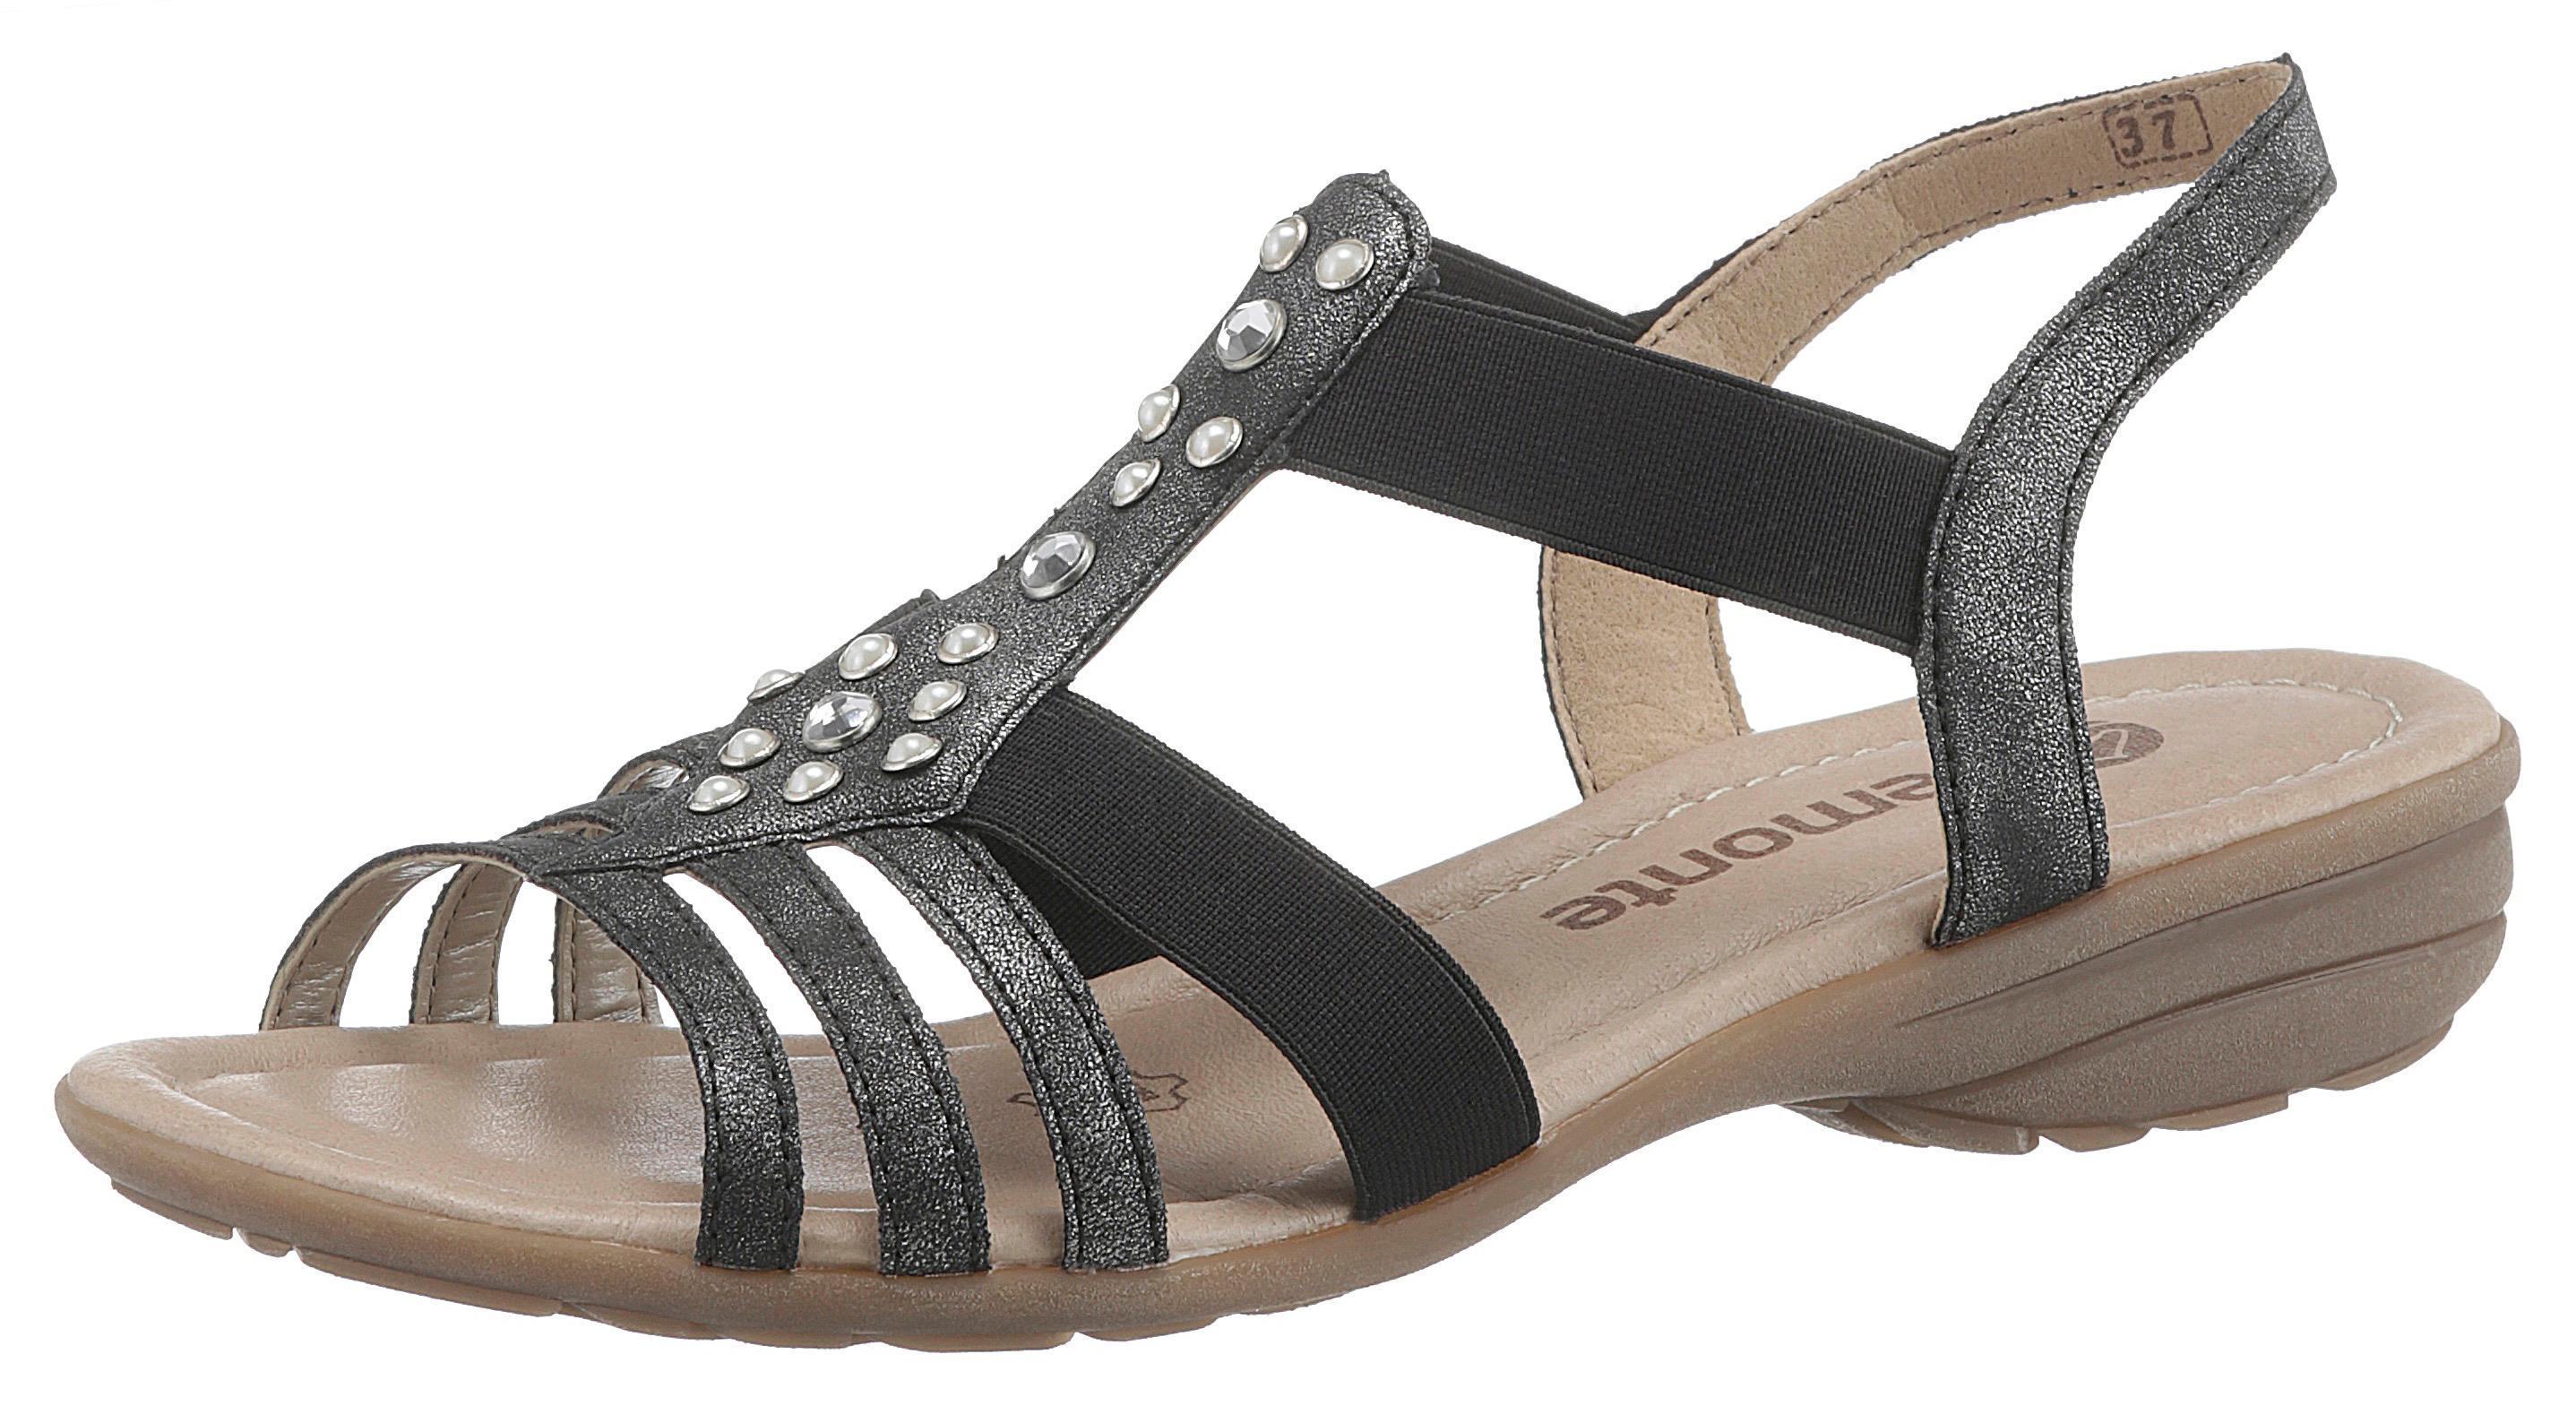 Remonte Sandale Damenmode/Schuhe/Sandalen/Keilsandalen